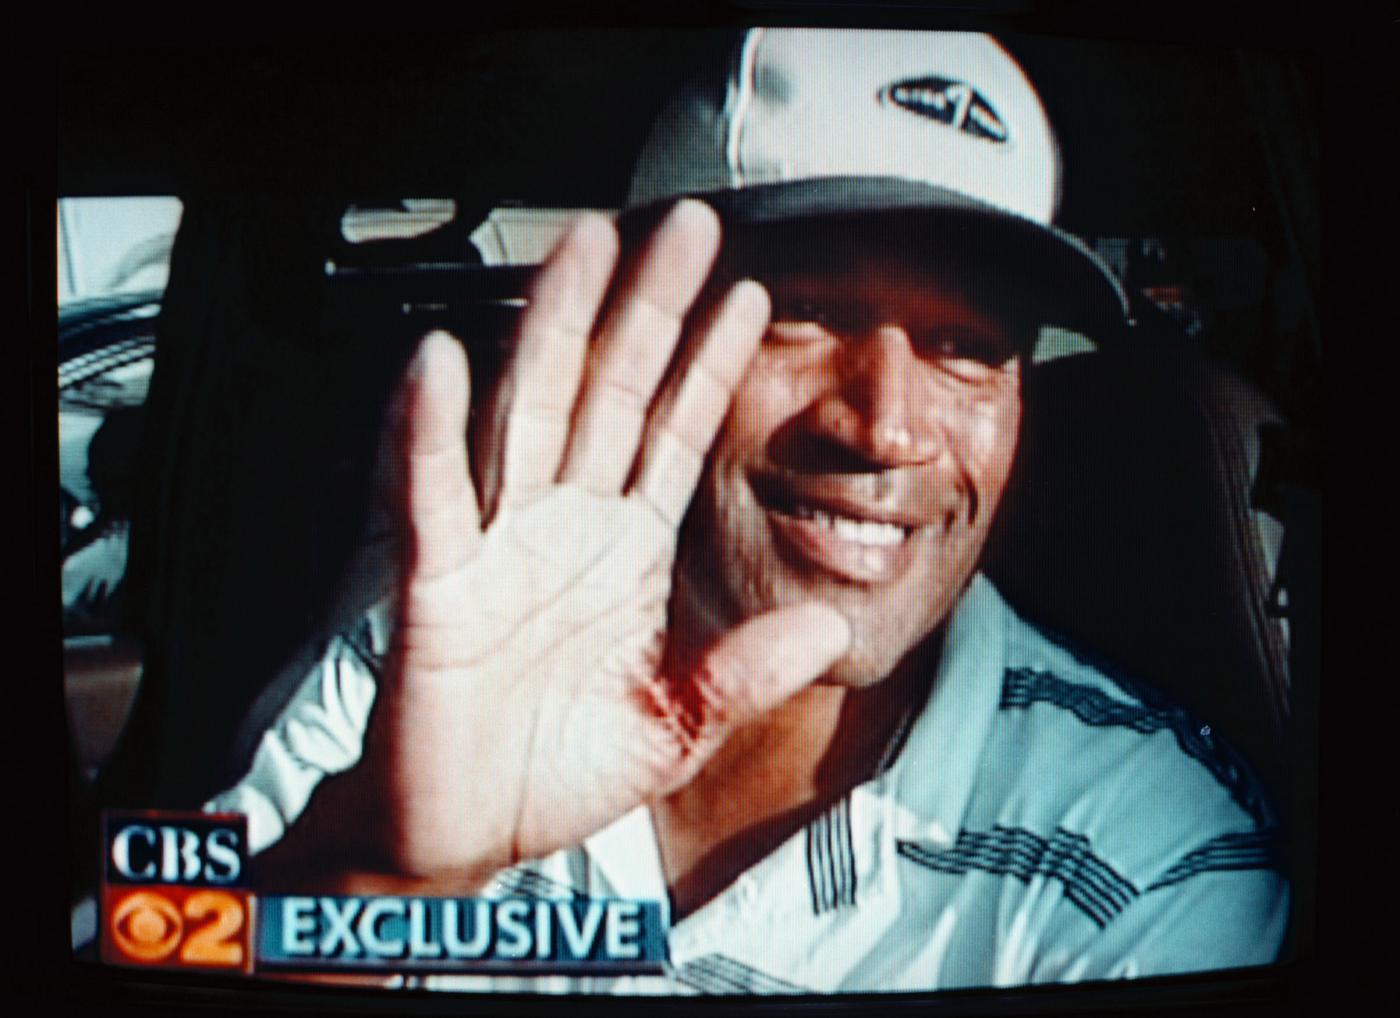 OJ Simpson mostra la mano ferita